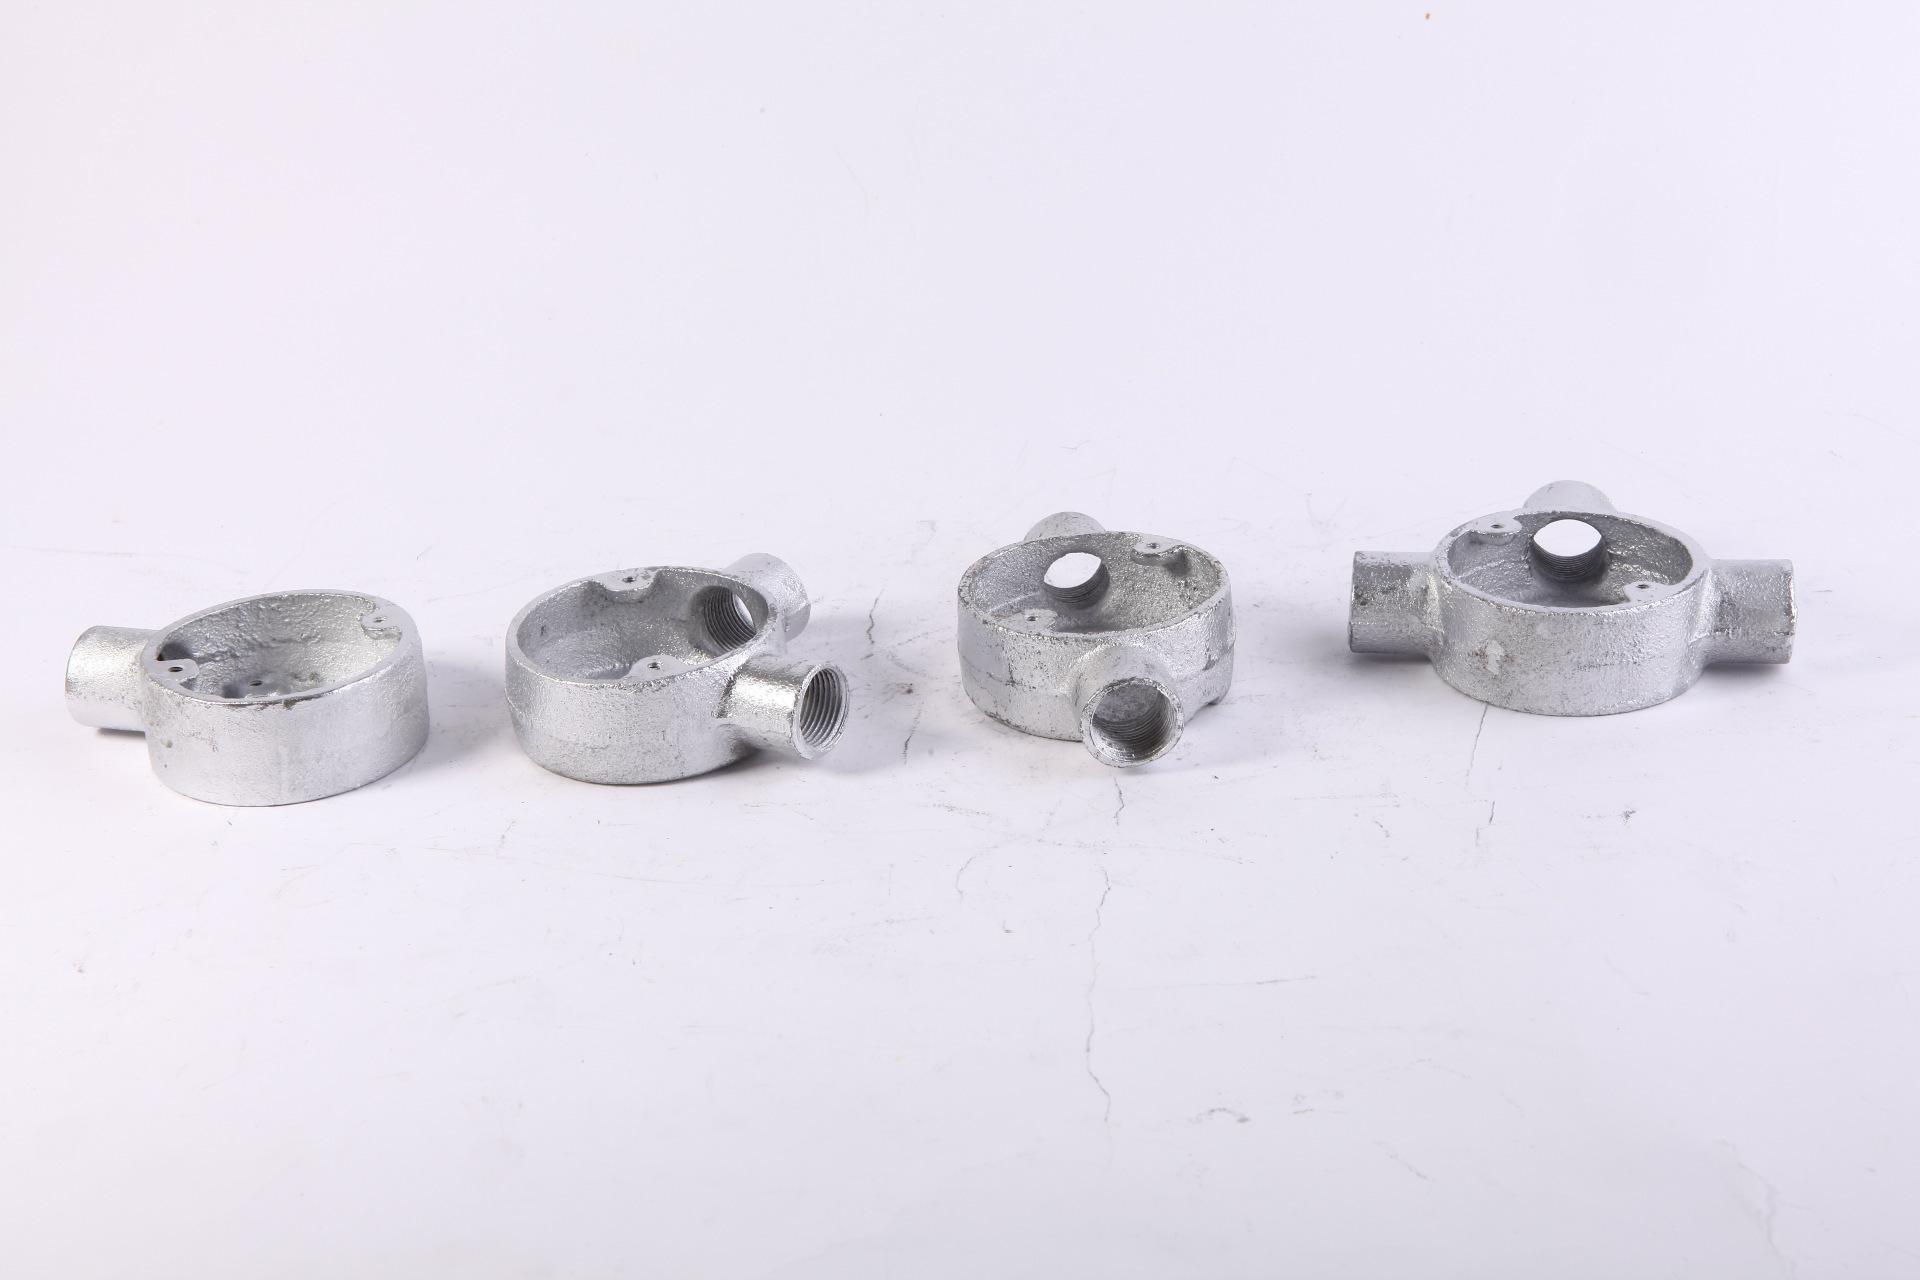 厂家直销热浸锌四级管配件 铸铁司令箱 25mm玛钢司令箱示例图4